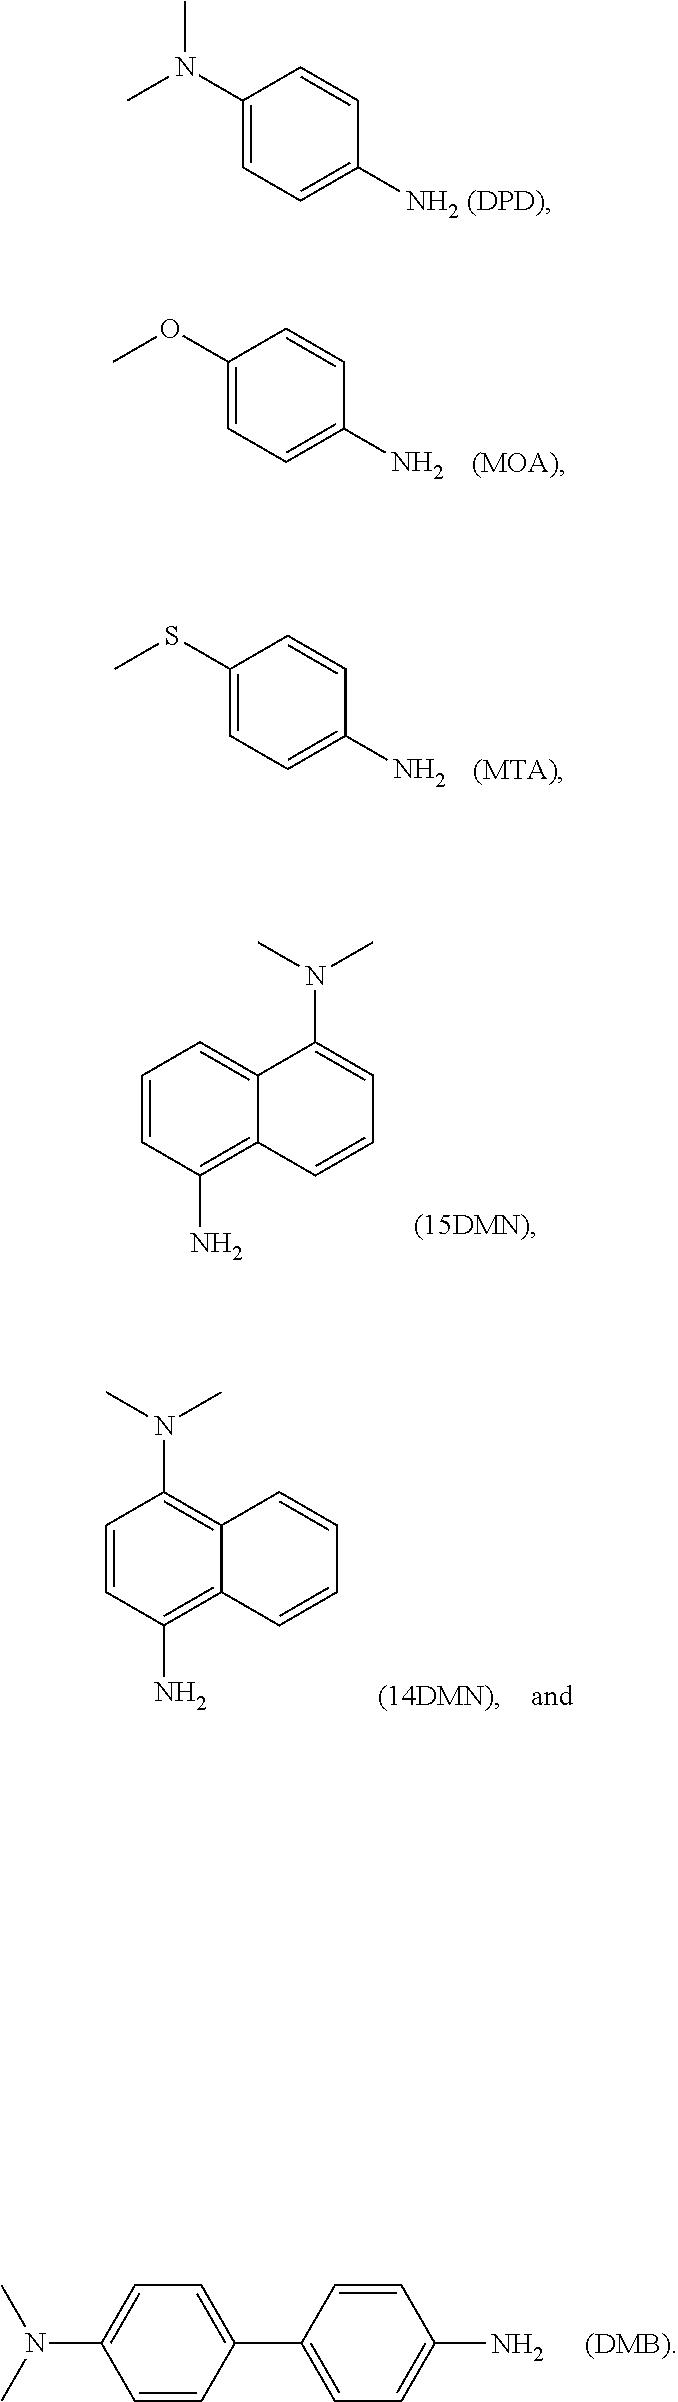 Figure US09296863-20160329-C00015